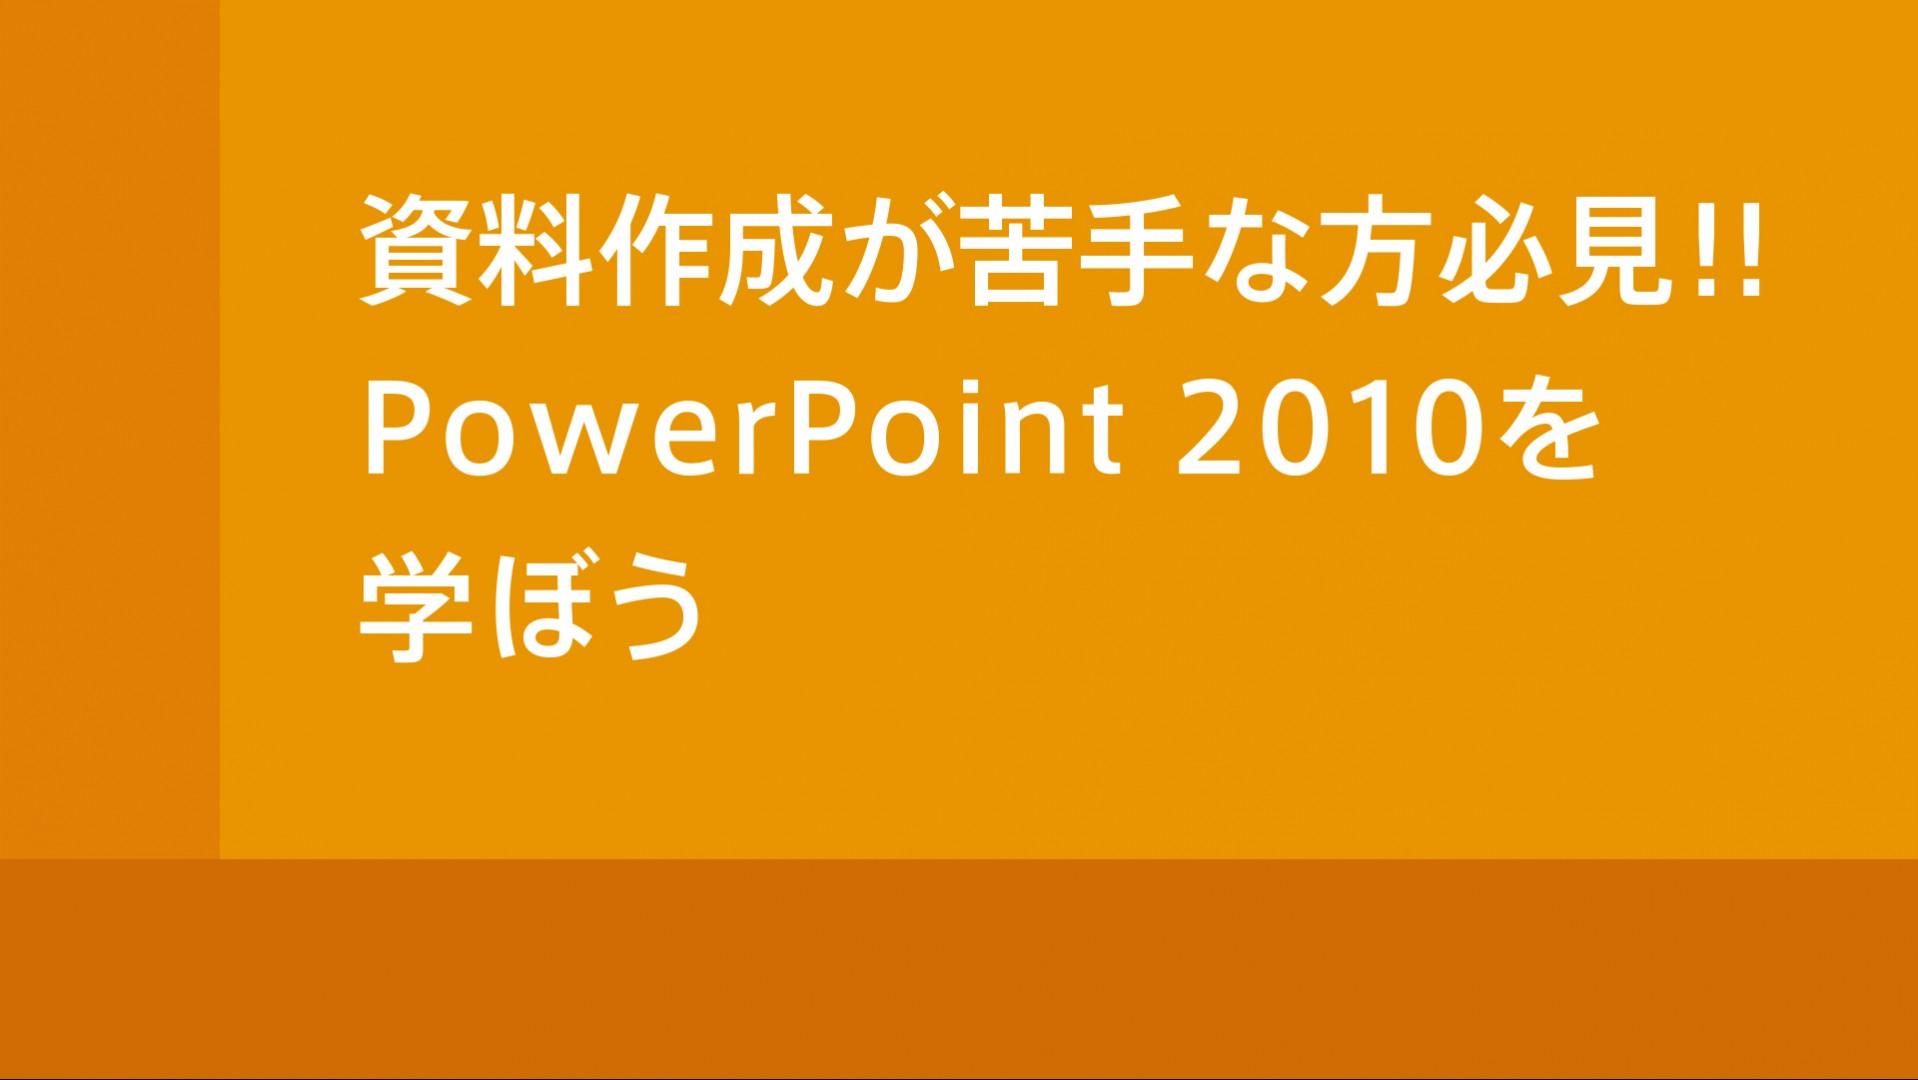 リボンを自分の好みにカスタマイズする PowerPoint2010